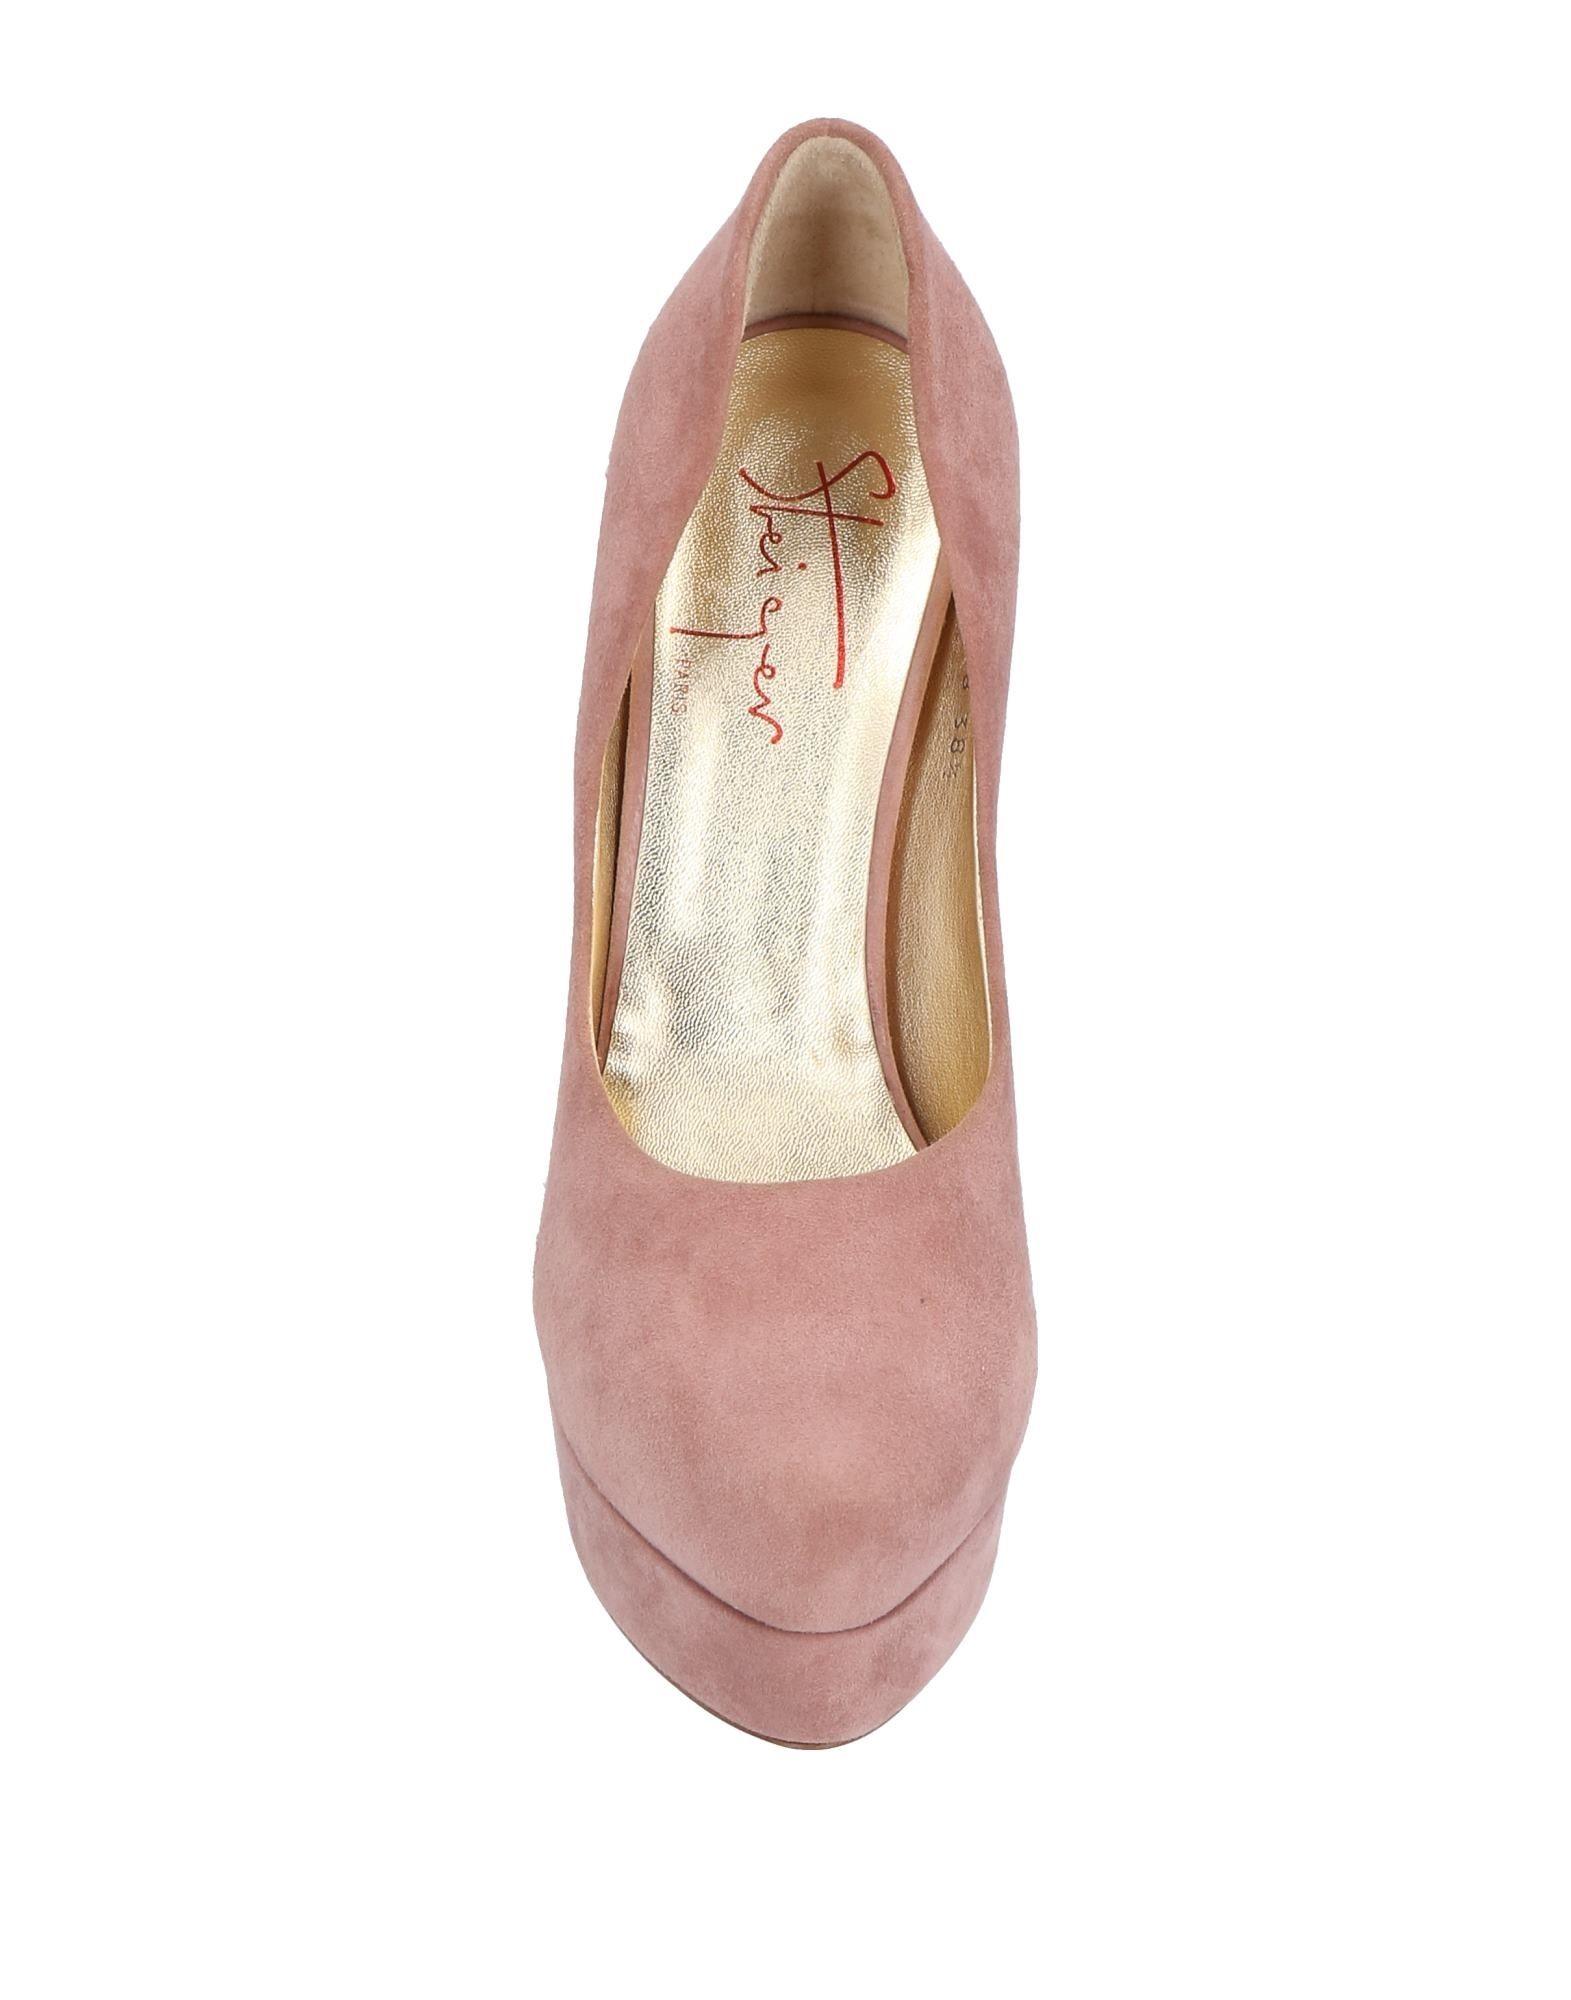 Stilvolle billige Schuhe Damen Walter Steiger Pumps Damen Schuhe  11499395XF d1c39f